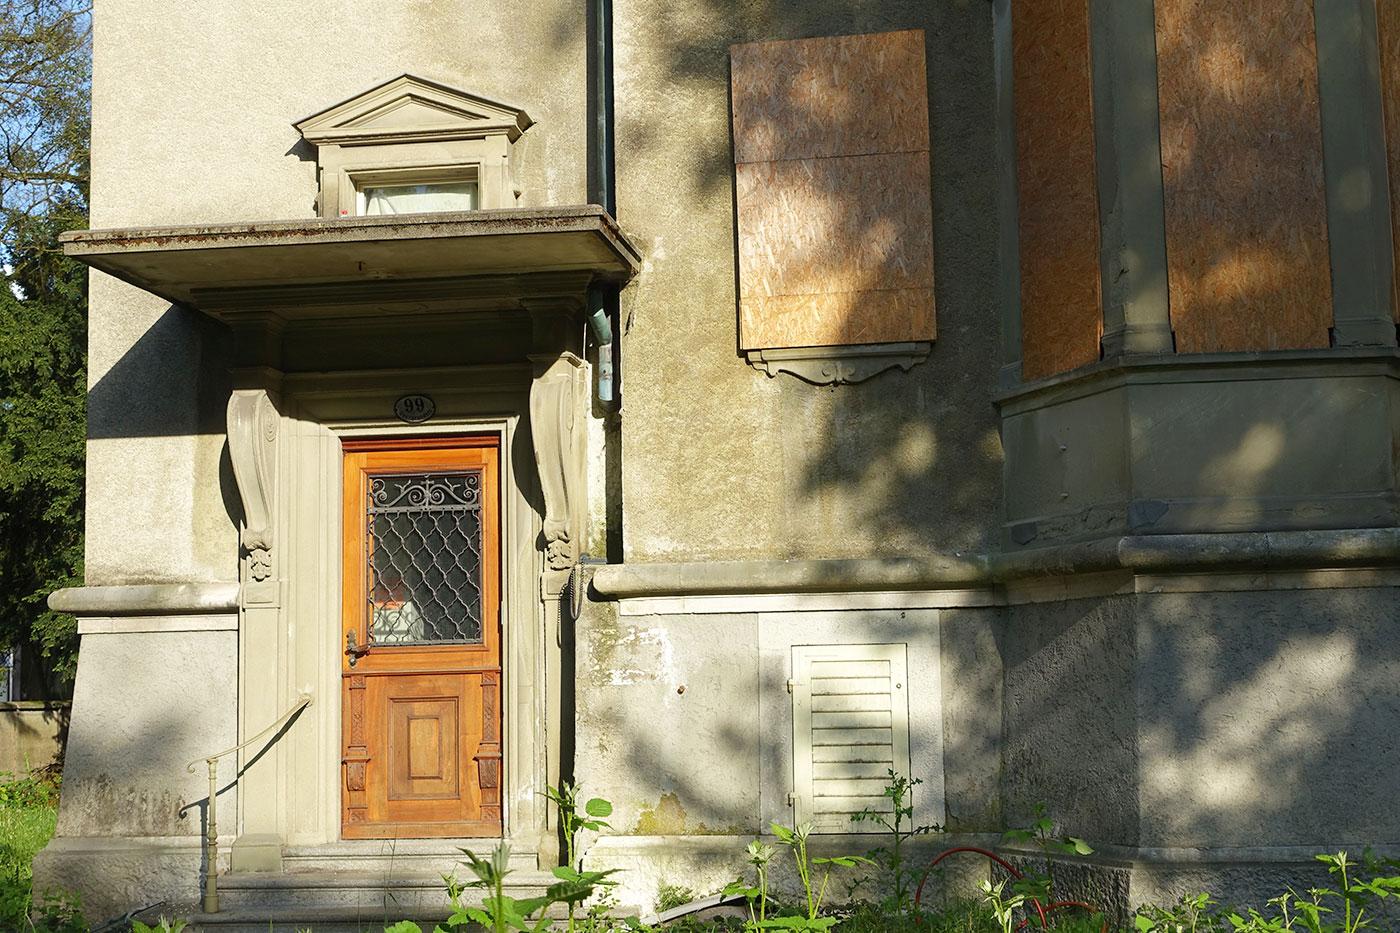 Eingang zur ehemals besetzten Villa an der Obergrundstrasse 99.